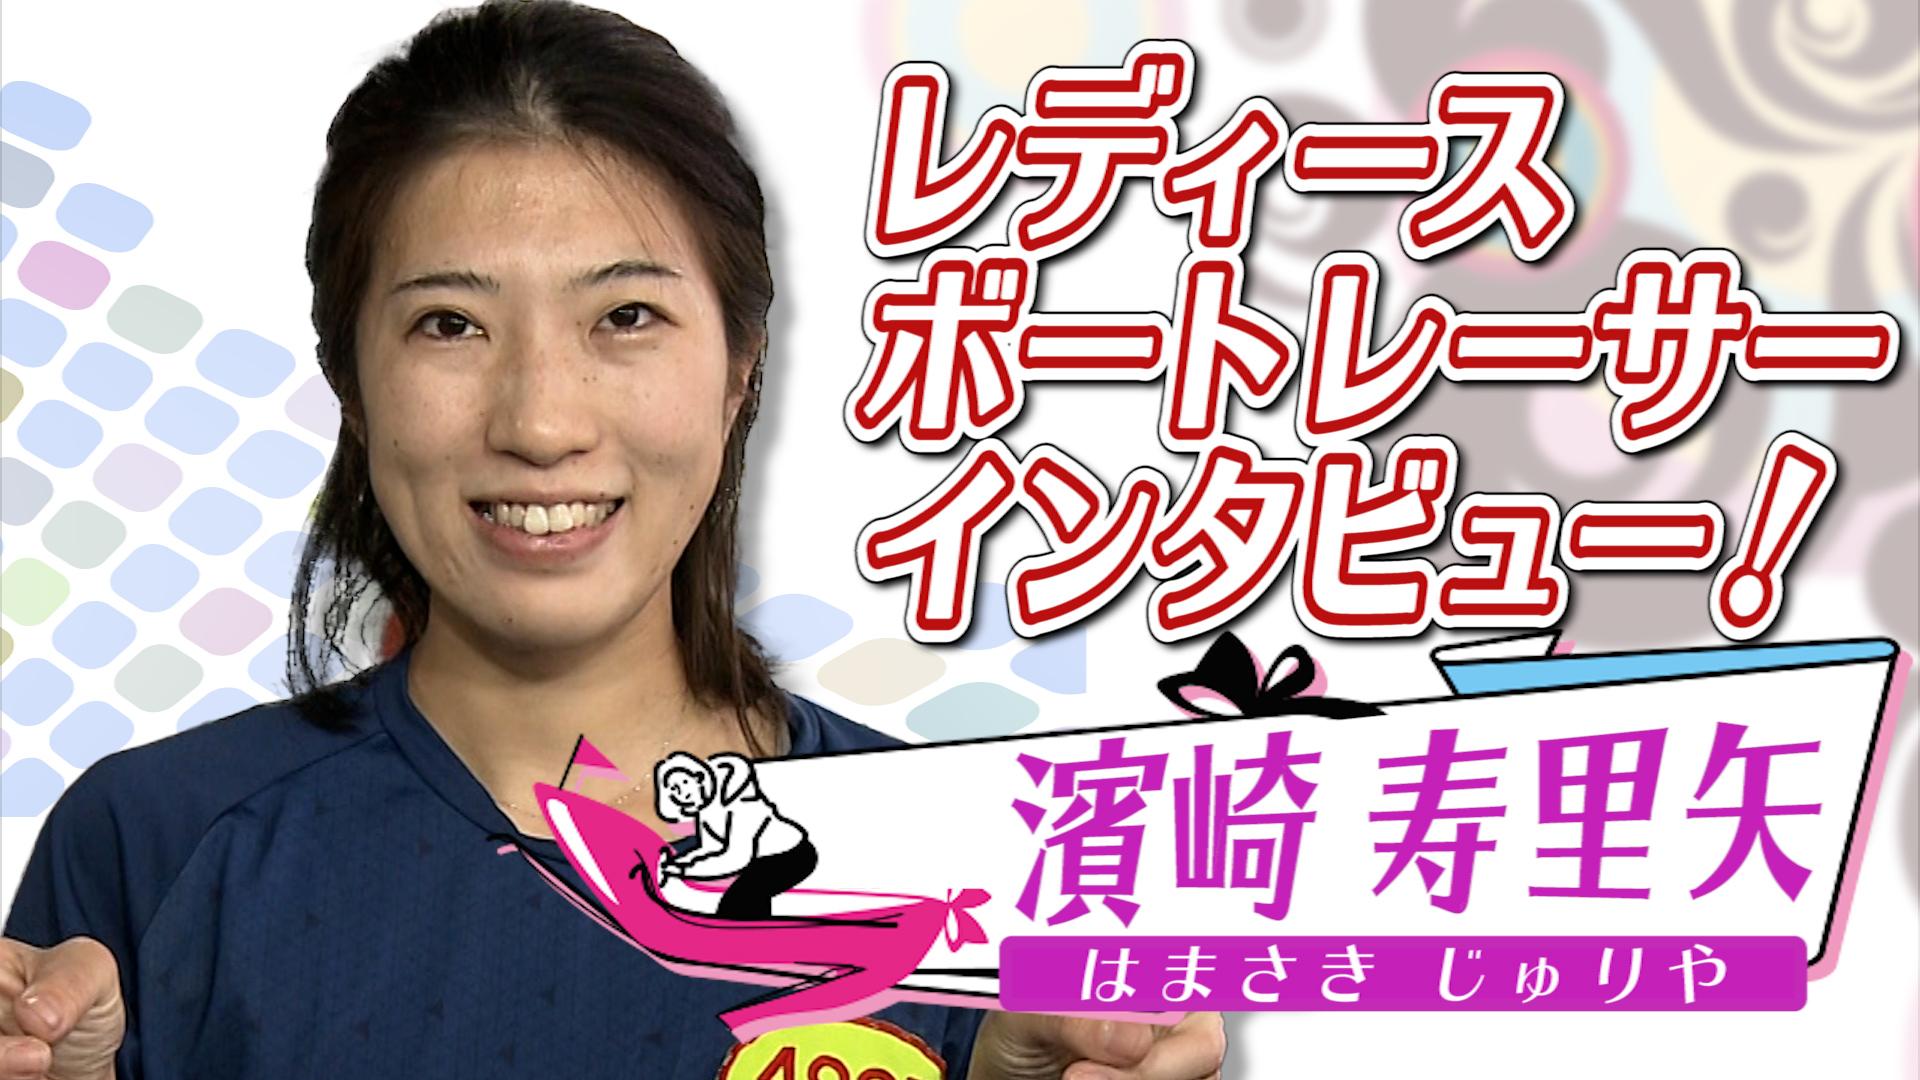 兄妹でボートレーサの濱崎寿里矢選手!師匠のアドバイスを胸に一走一走課題を潰しながらファンの方に貢献できるよう一生懸命走る!!|ボートレース